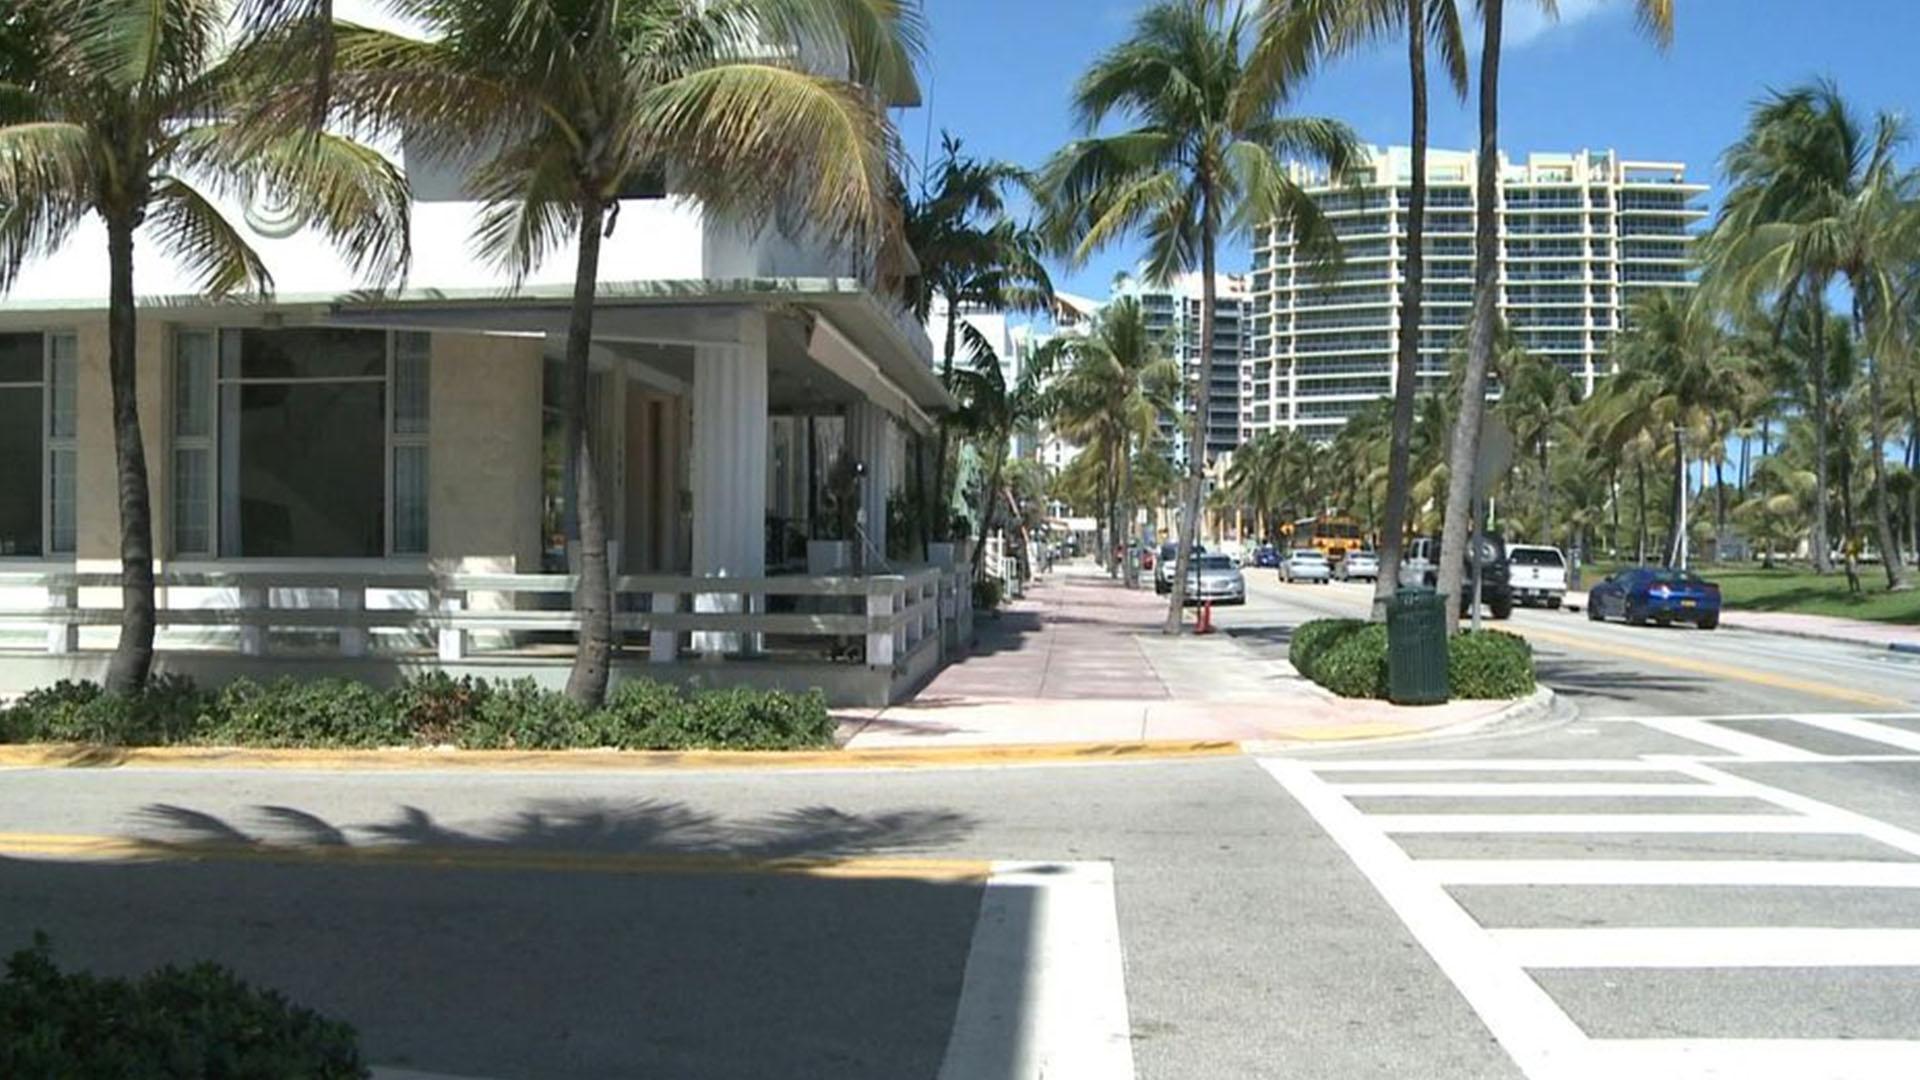 Toque de queda en Miami busca limitar la propagación de coronavirus